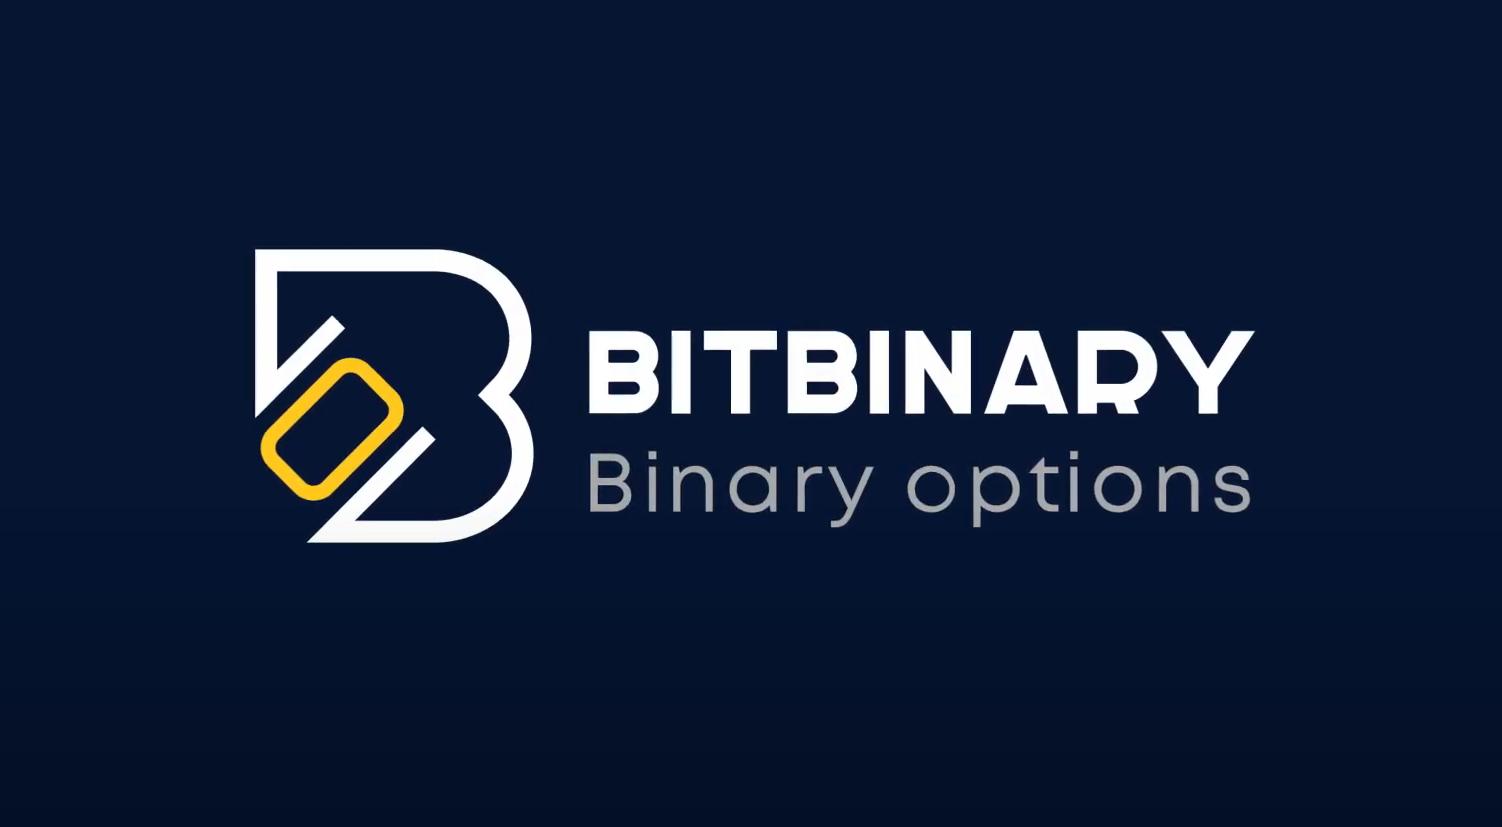 Bitbinary İkili Opsiyon Kripto Botları İle İşlem Yapmak